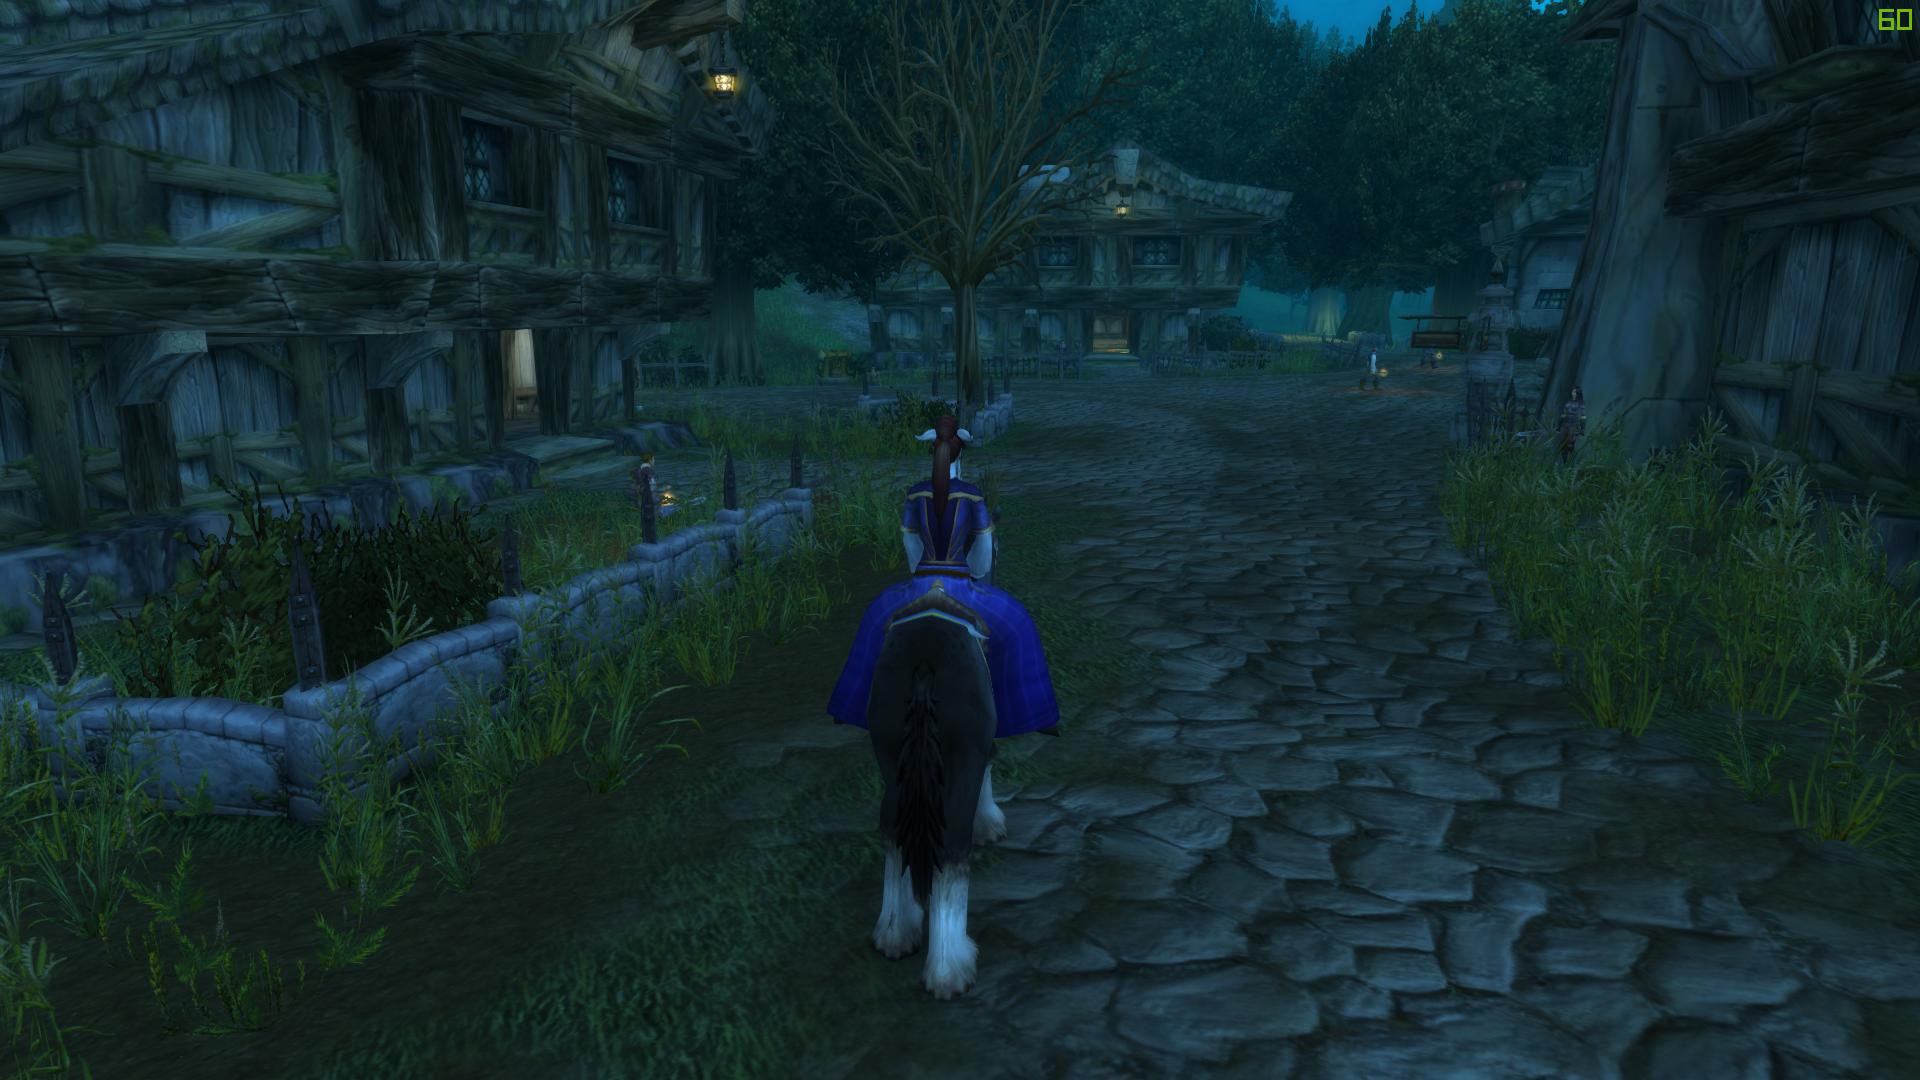 于是再次骑马朝着暮色森林的方向赶去.